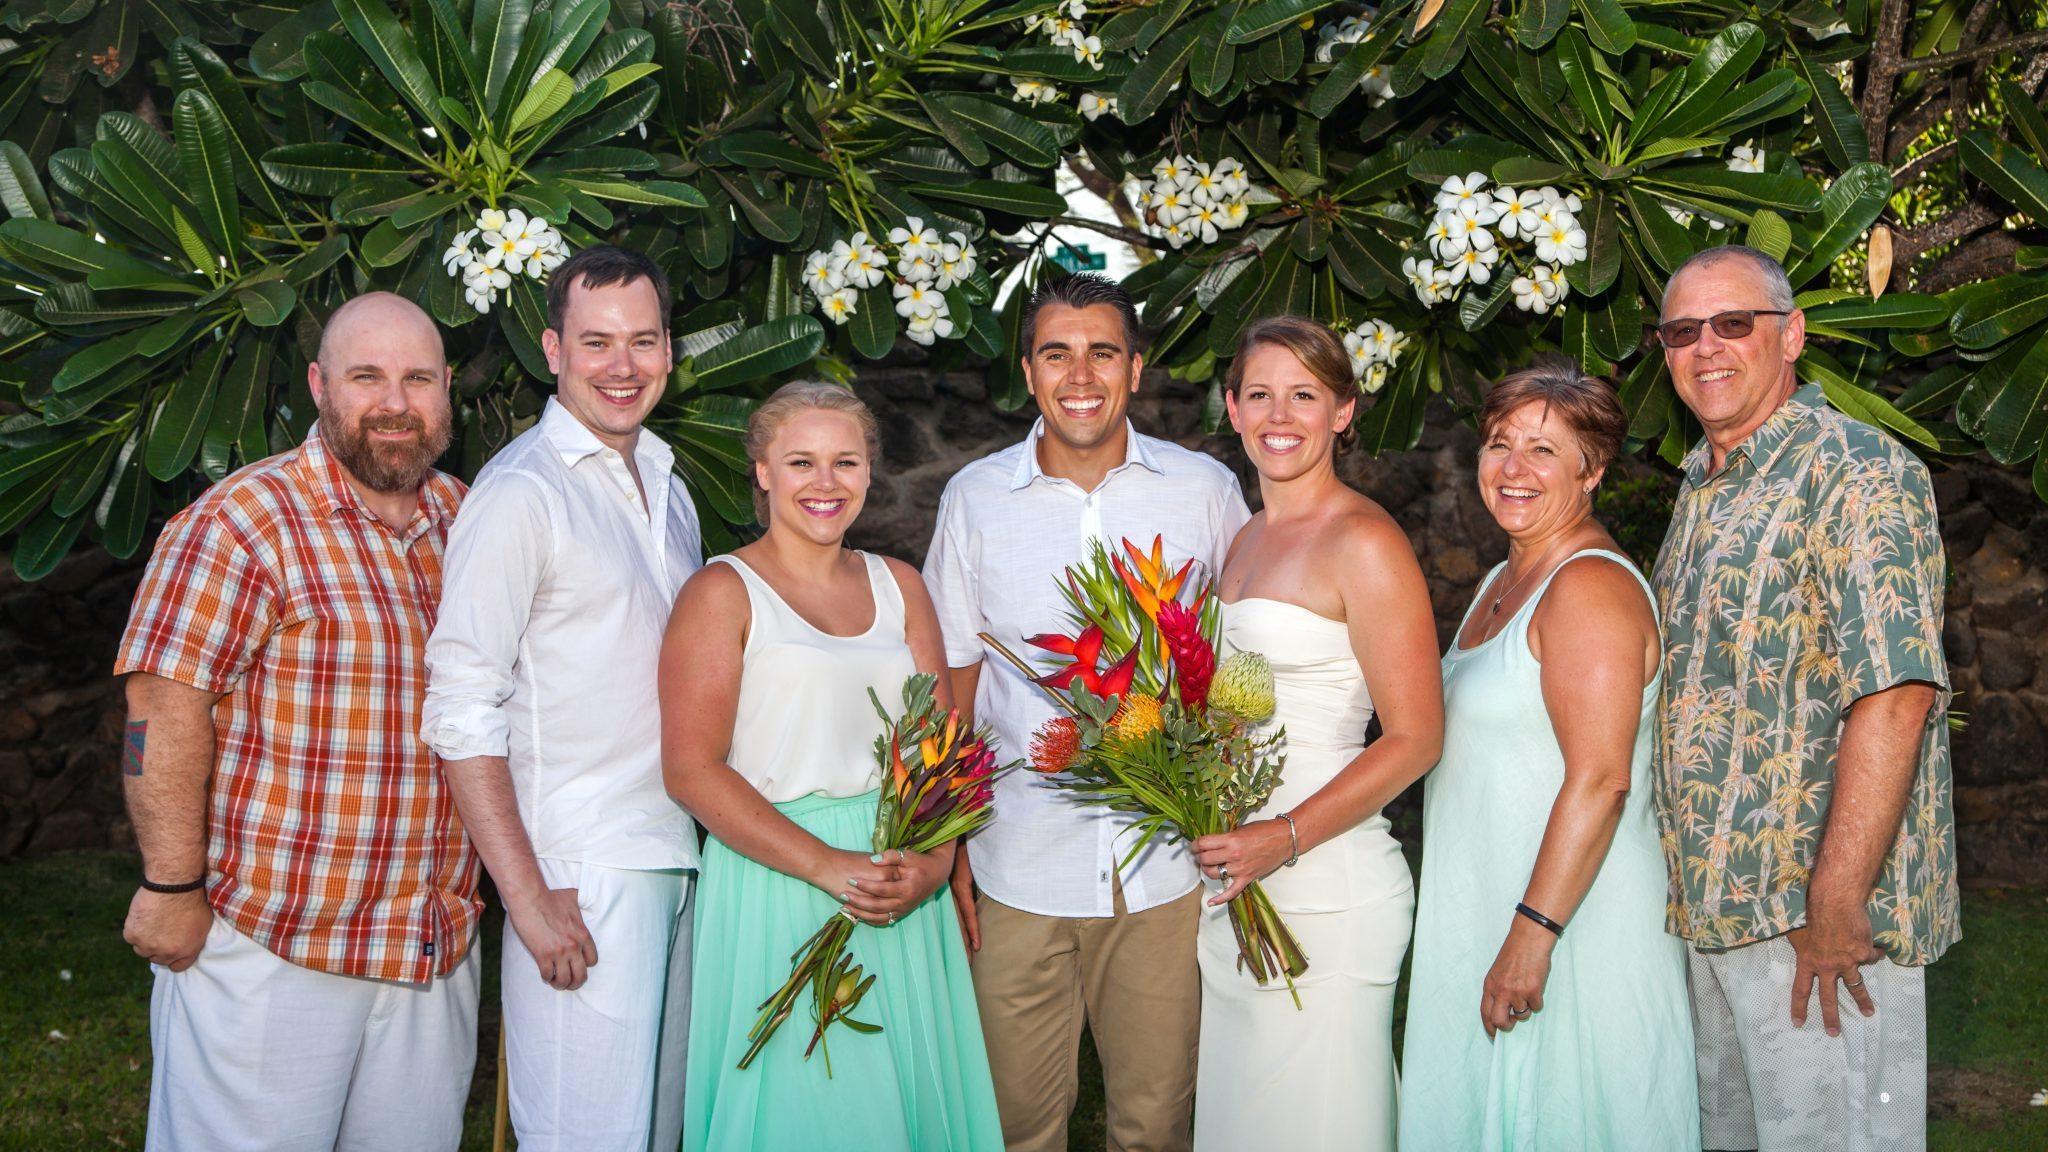 maui wedding photographer09_behind the lens maui.jpg